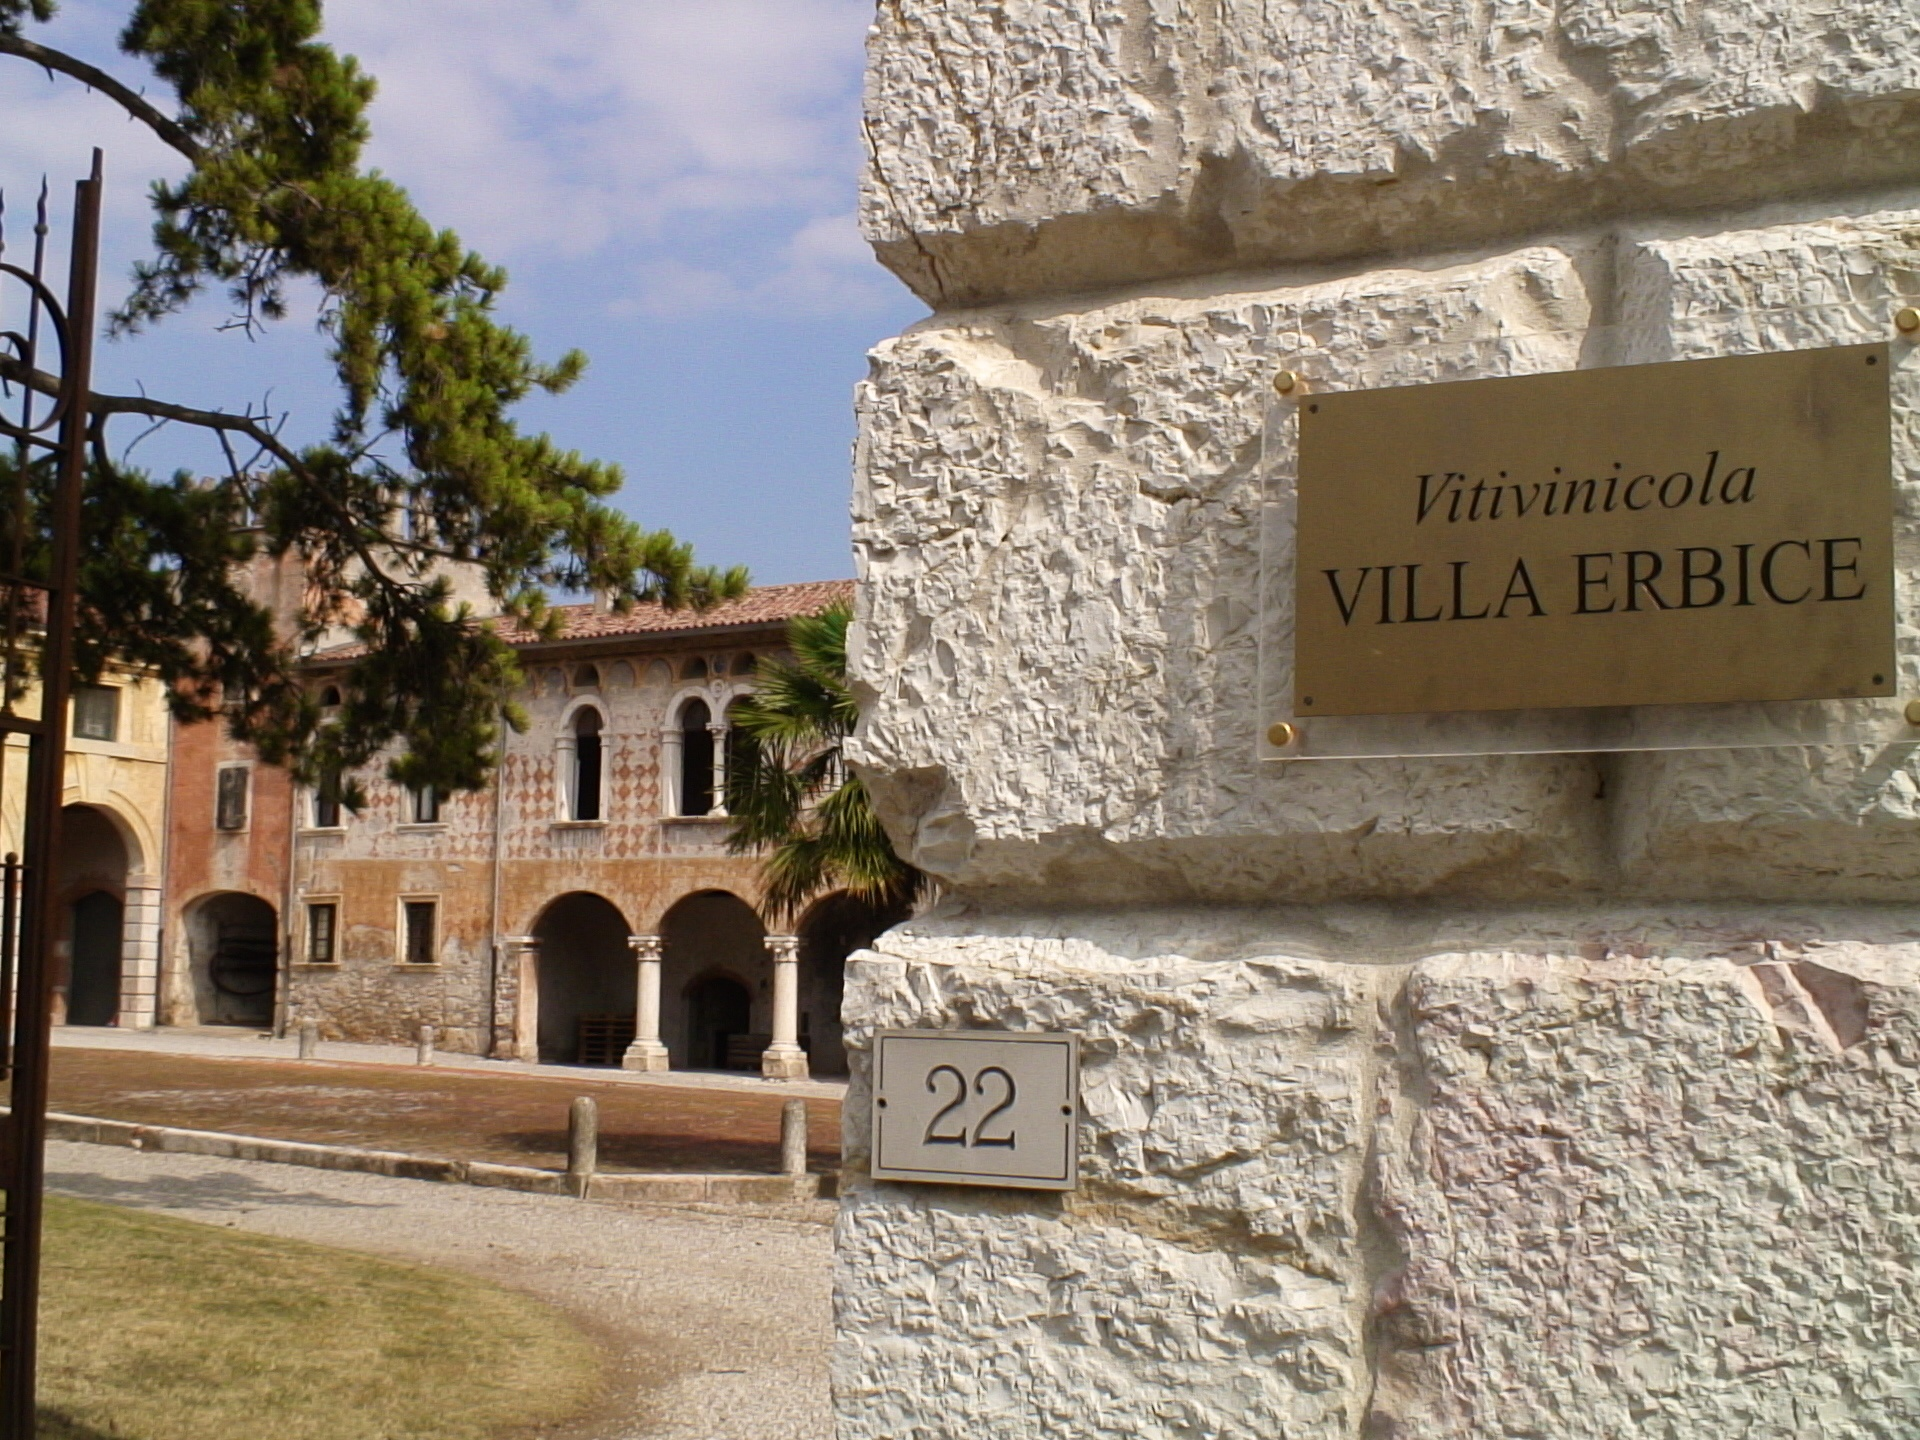 The winery in an old villa in Mezzane di Sotto